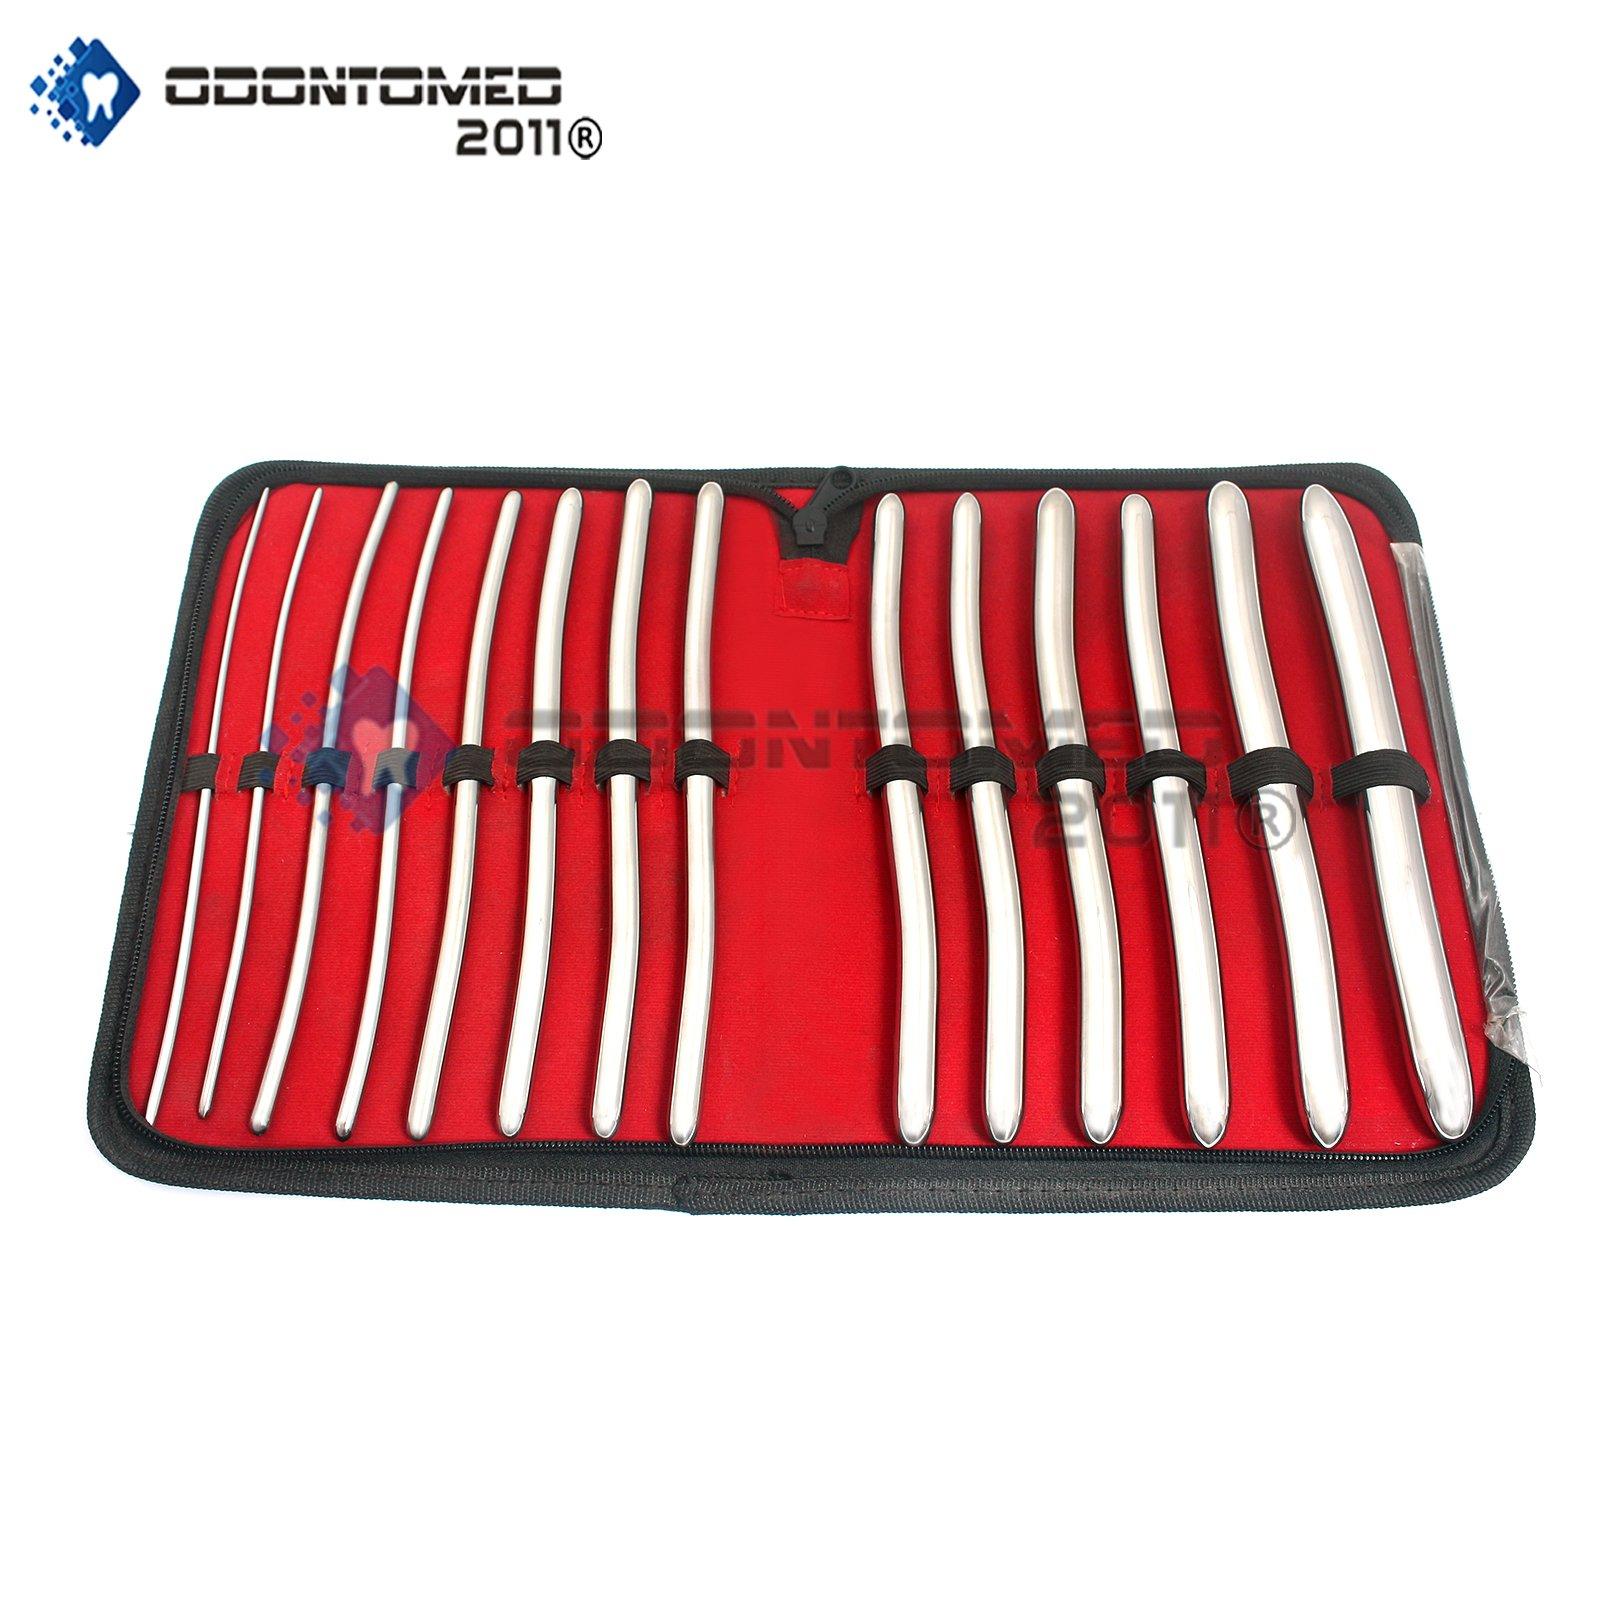 OdontoMed2011 HEGAR 14 Pieces URETHRAL Sounds KIT, Surgical Steel URETHRAL Dilator Set, HEGAR Sound KIT ODM